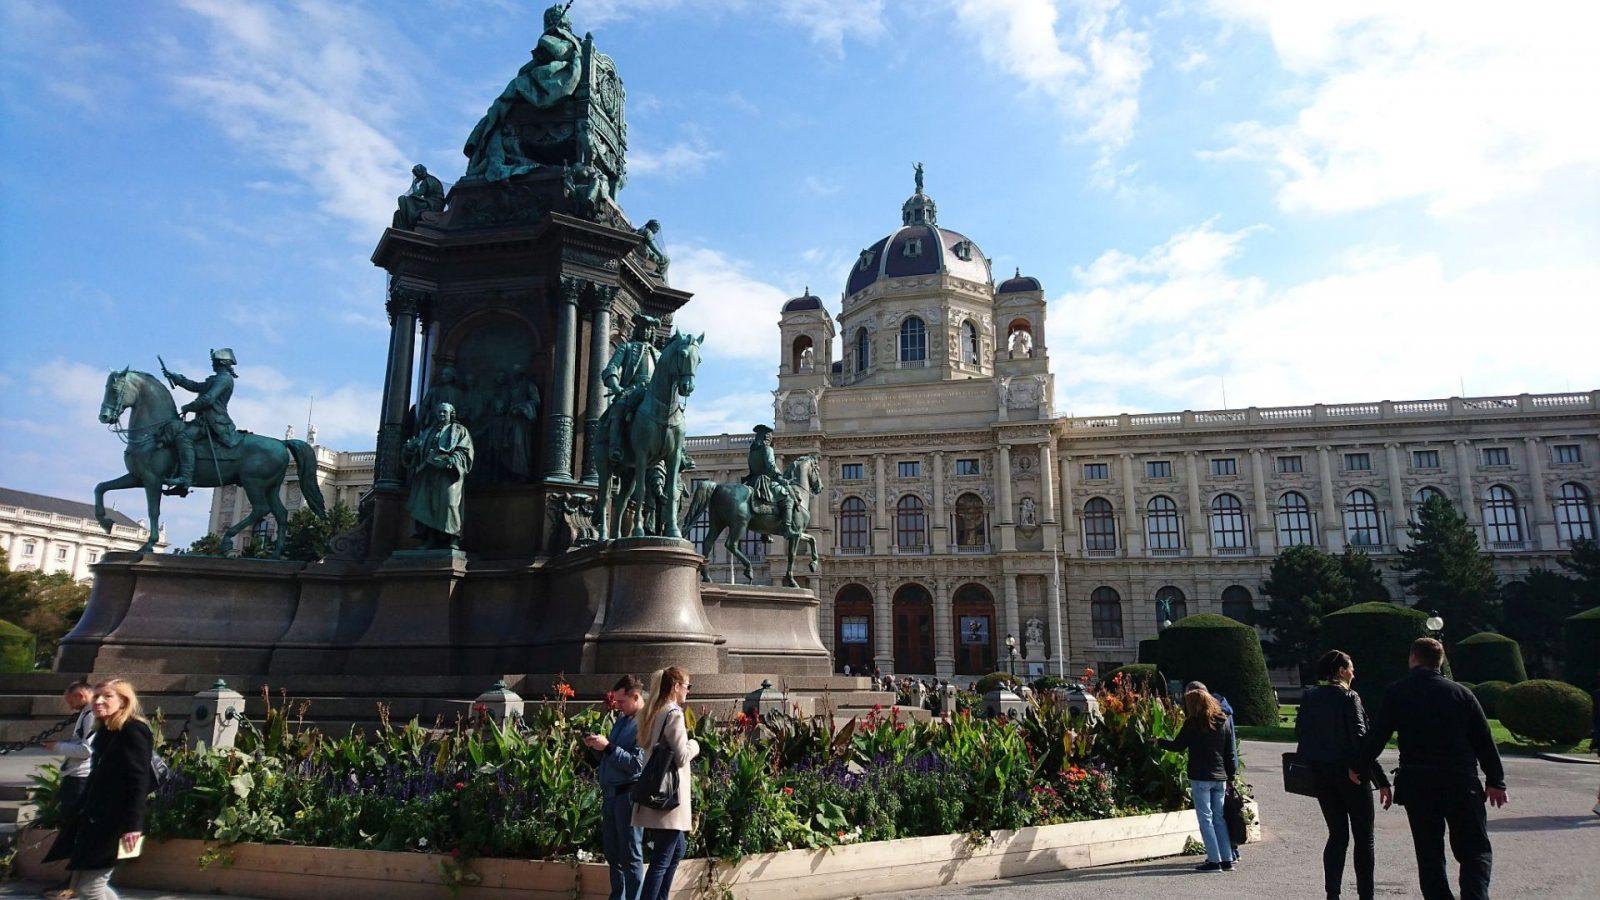 Das Maria-Theresien-Denkmal und das Kunsthistorische Museum im Hintergrund in Wien